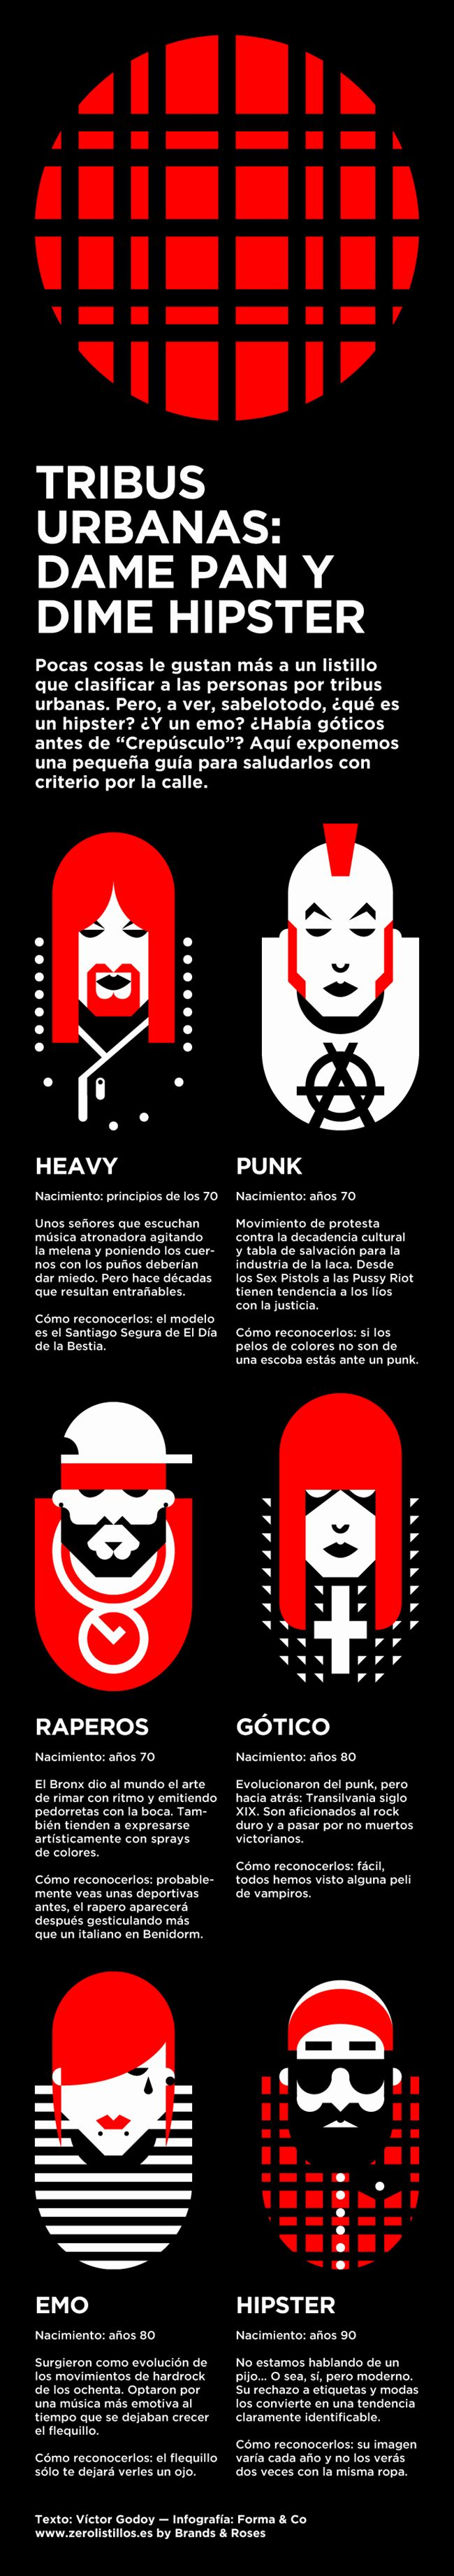 #Infografía sobre tribus urbanas: heavy, punk, raperos, góticos, emo, hipster, etc.